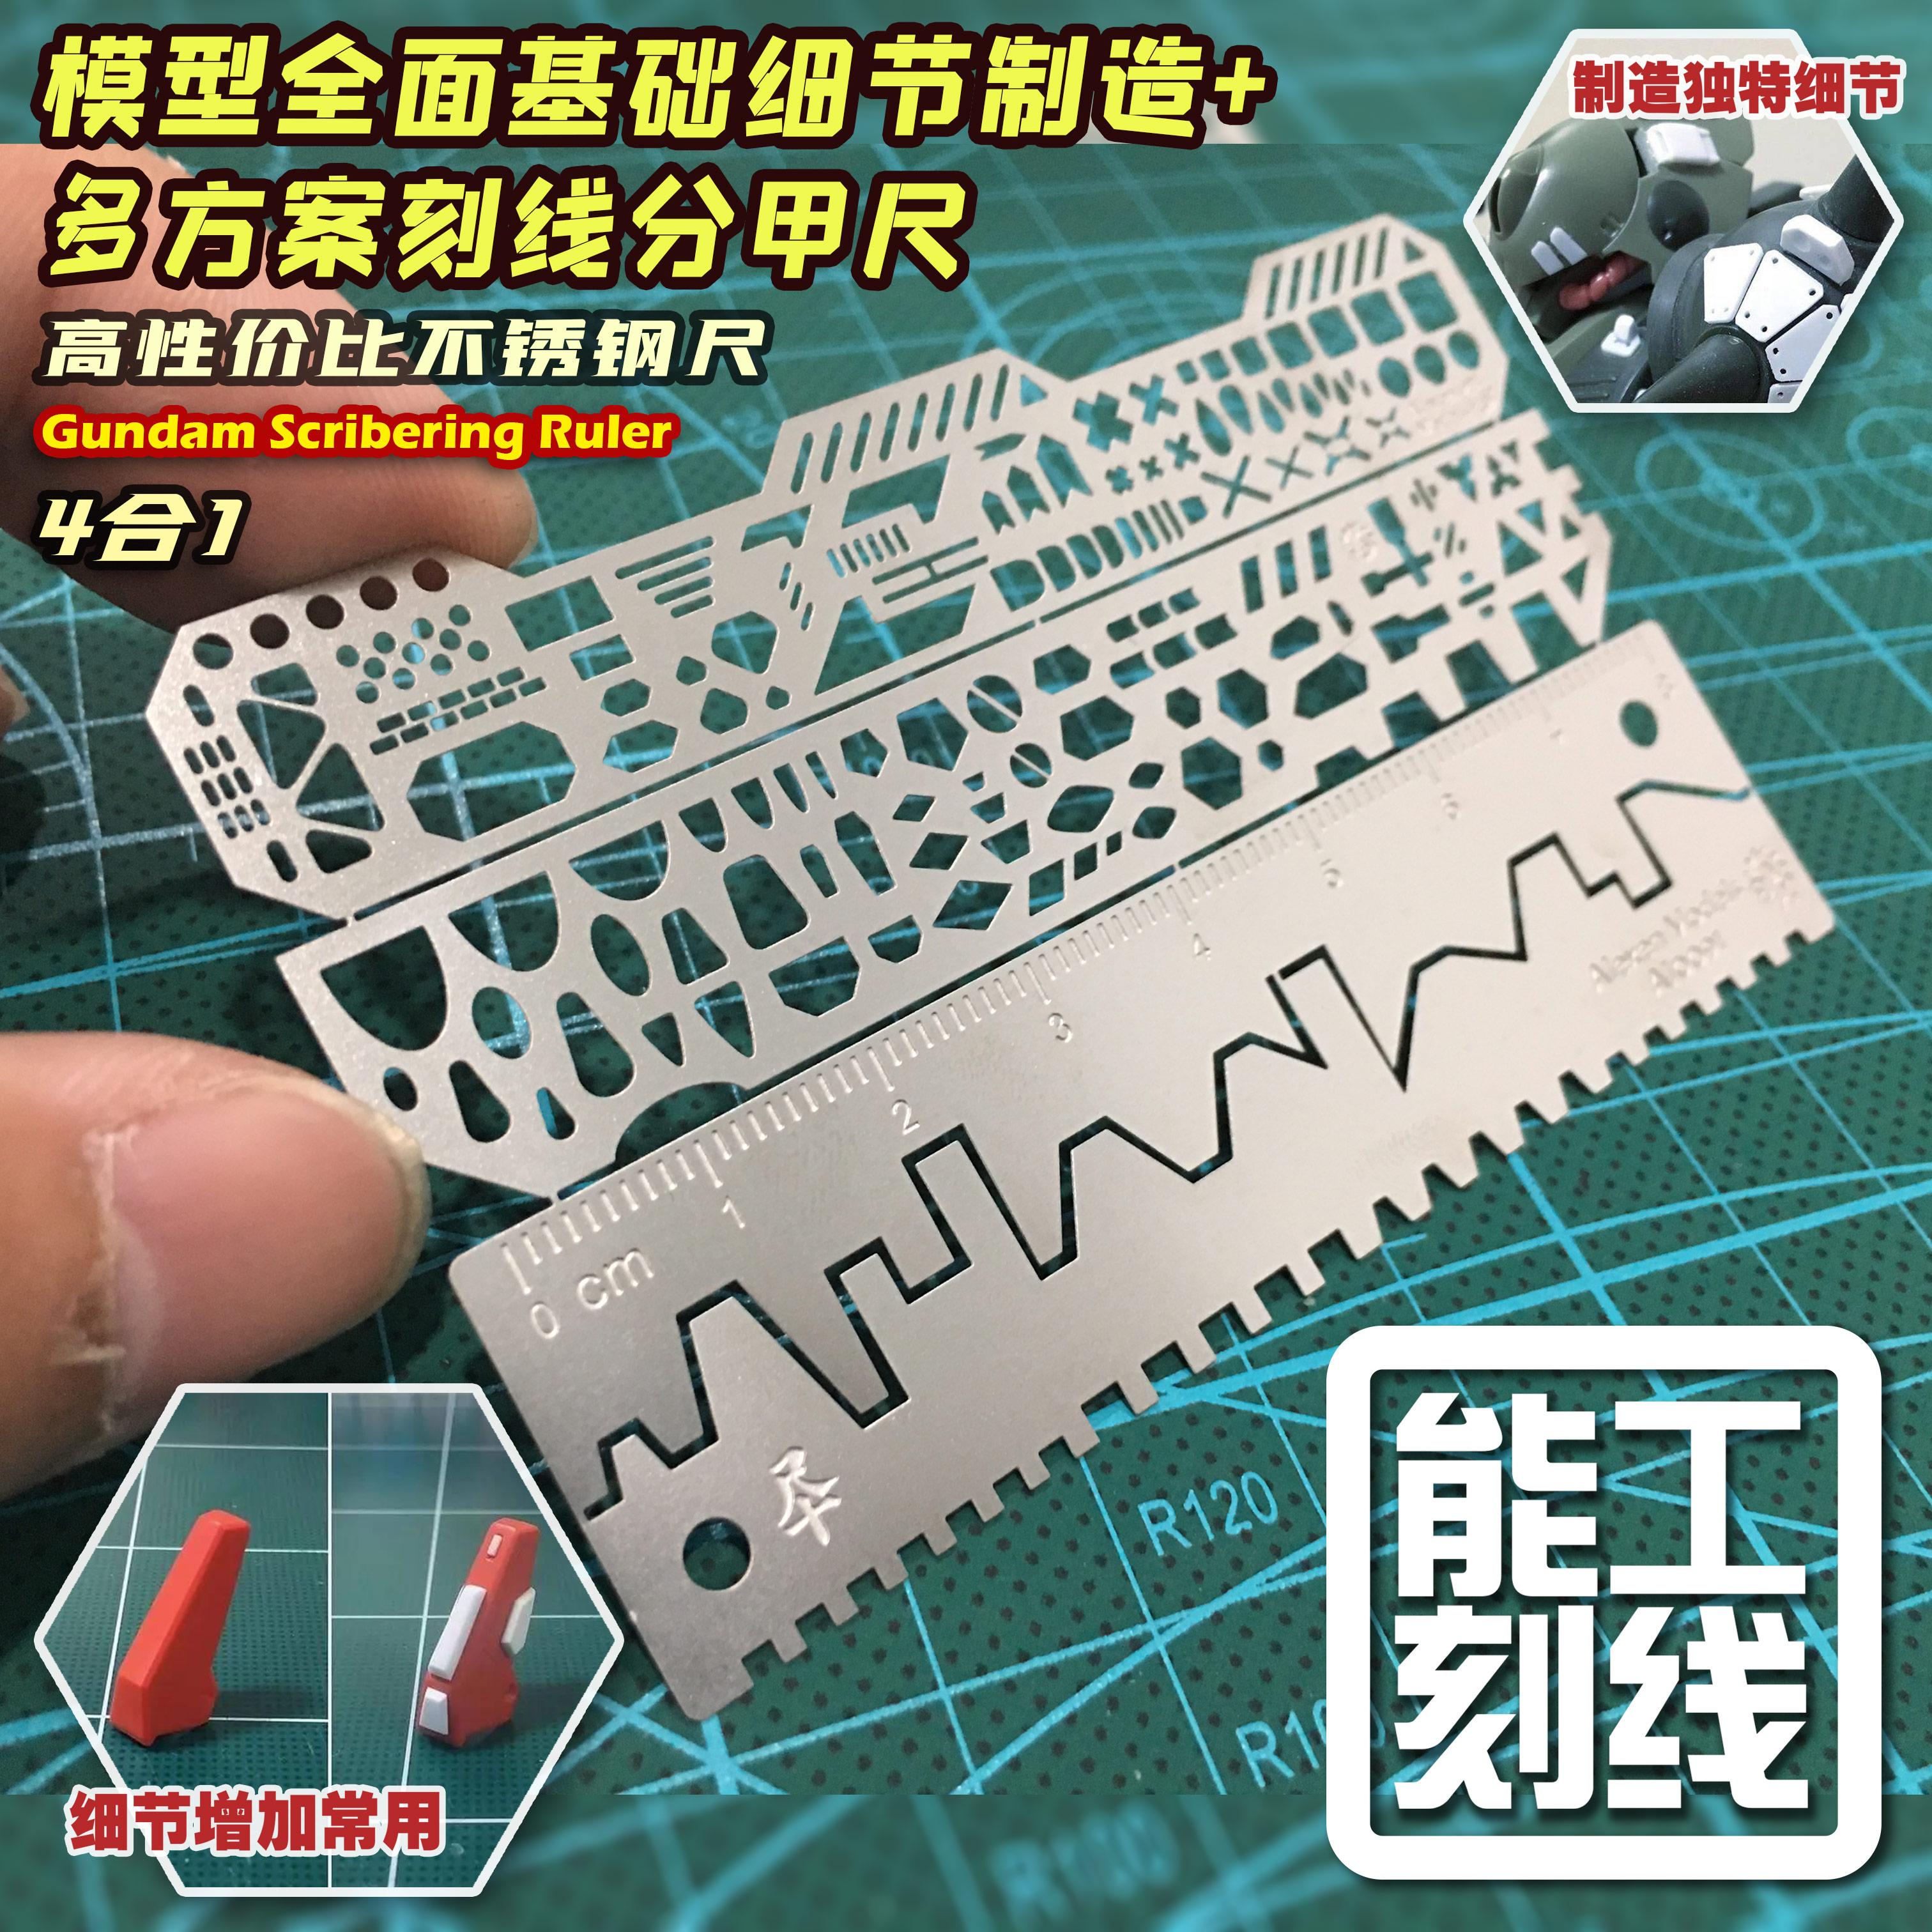 【艾烈臣】AJ0091 能工高达模型4合1全基础细节制作+刻线分甲尺